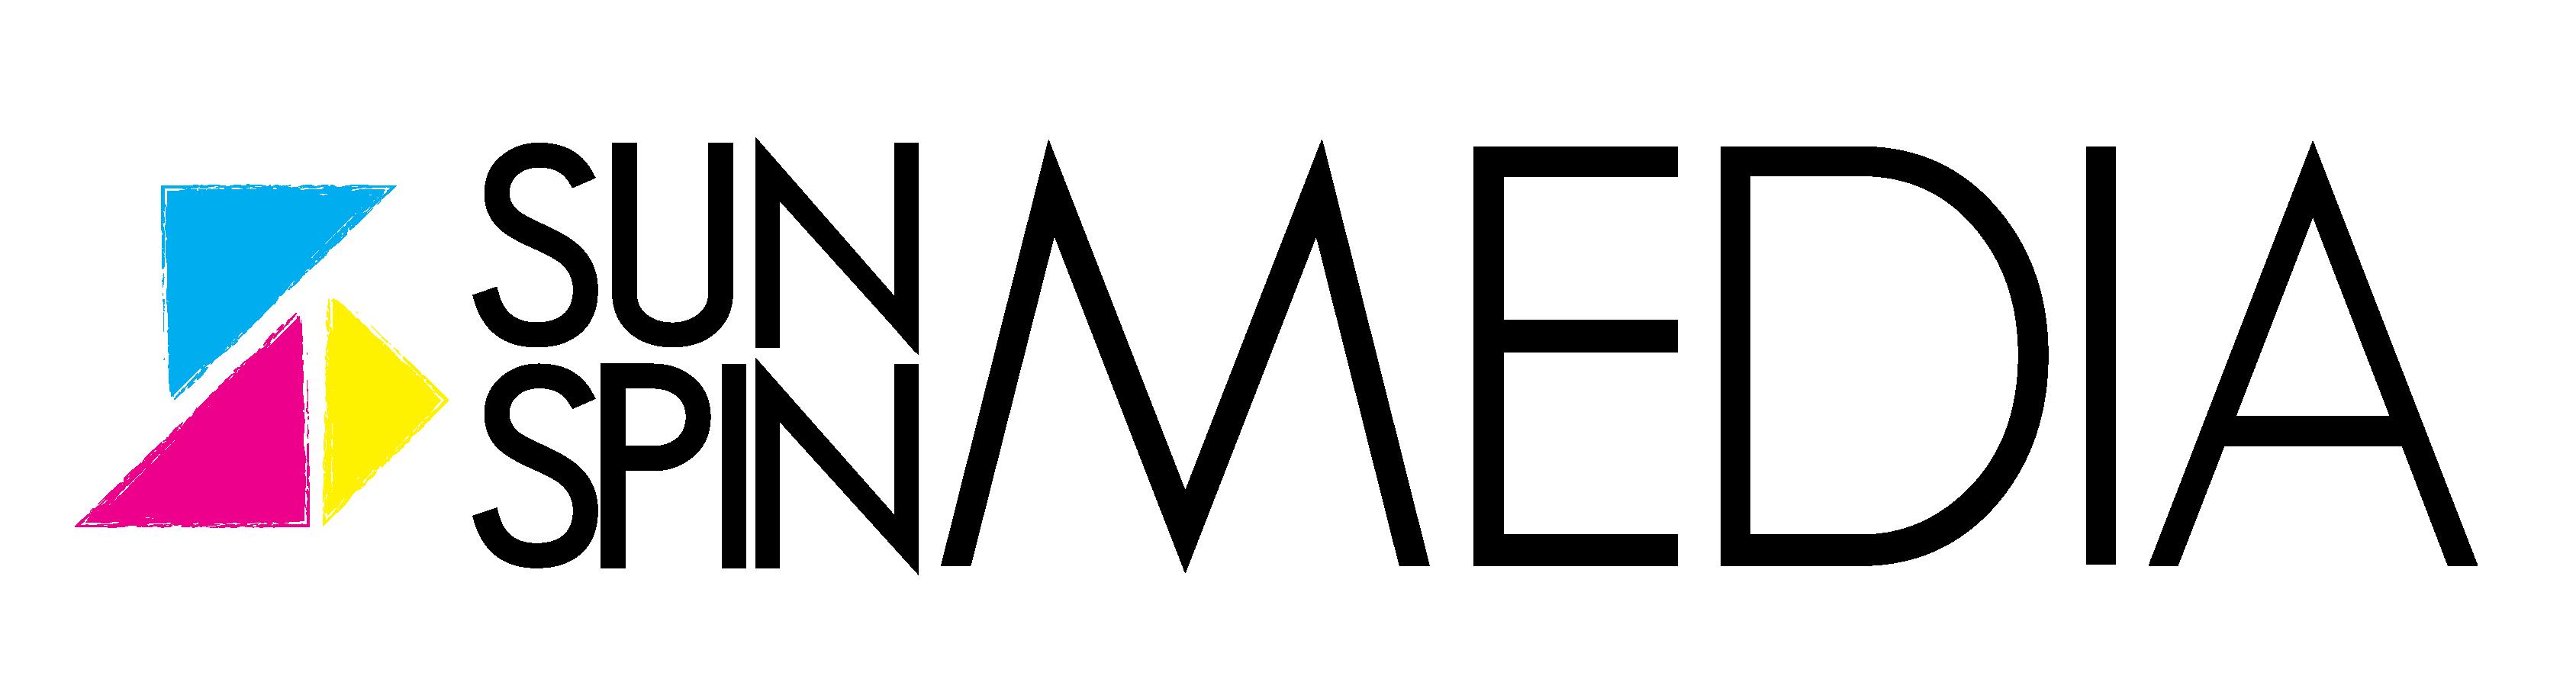 SunSpin Media